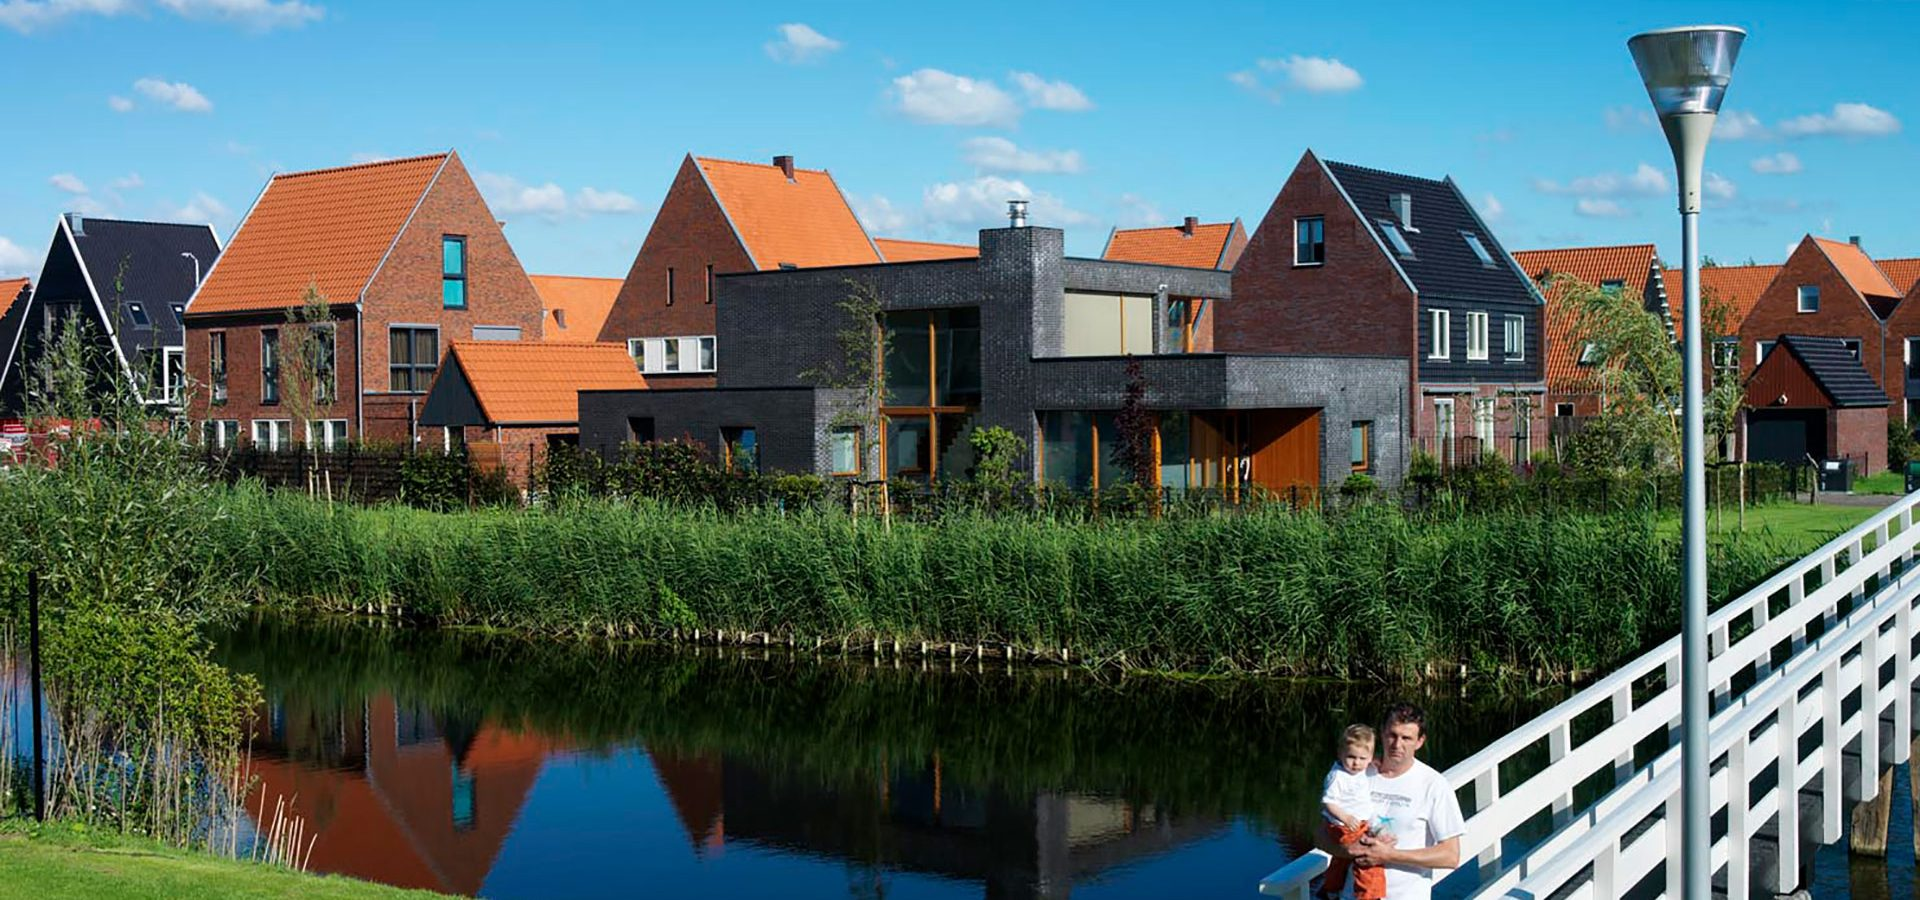 FARO architecten Ypenburg Biesland Den Haag 05